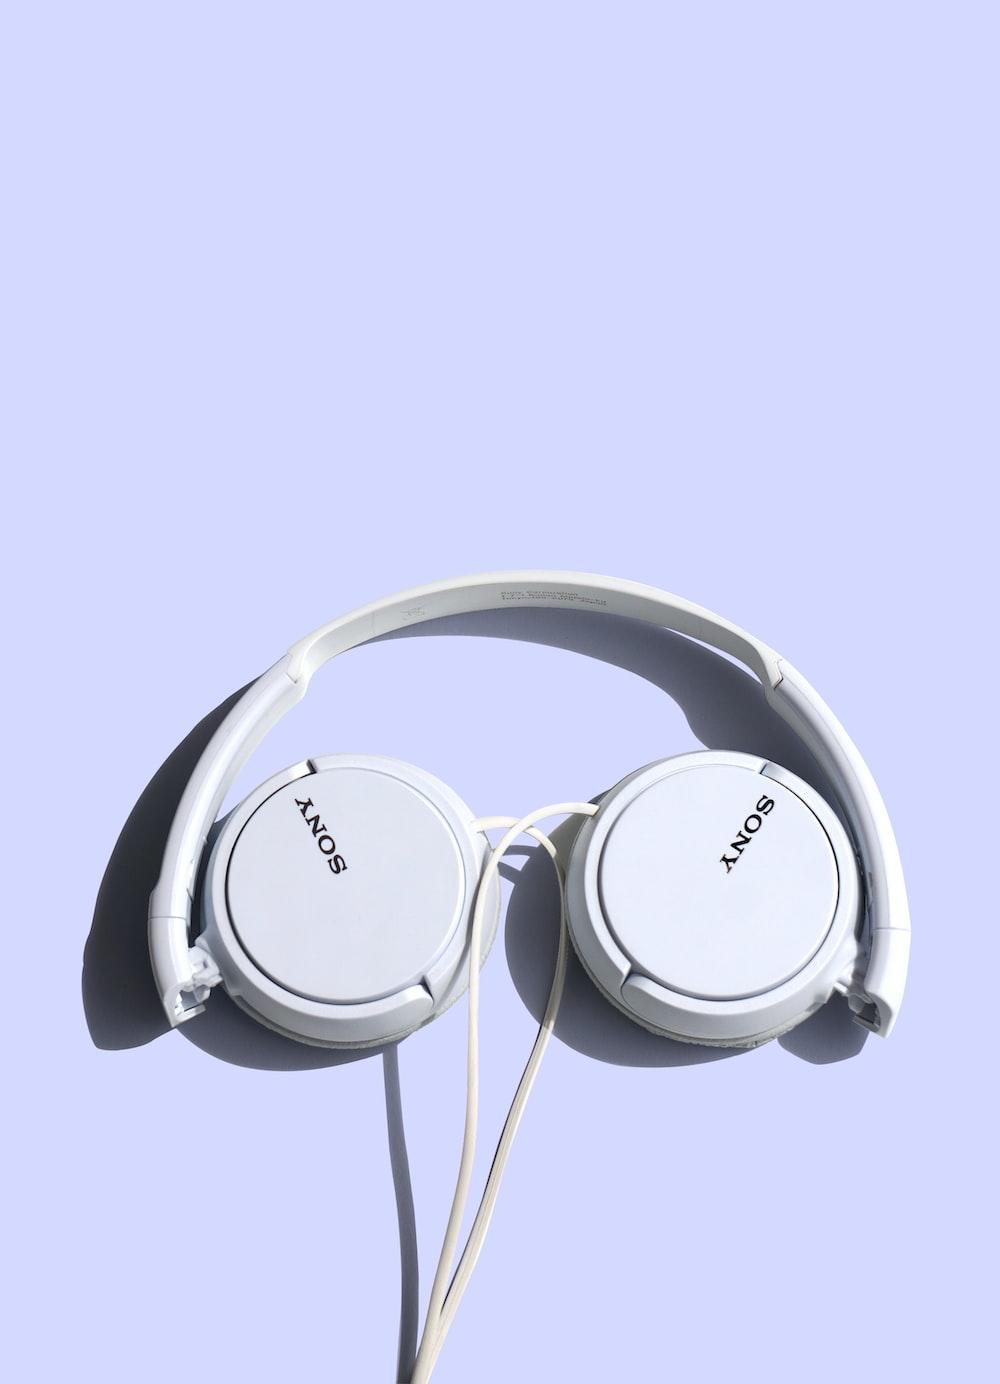 white Sony corded headphones